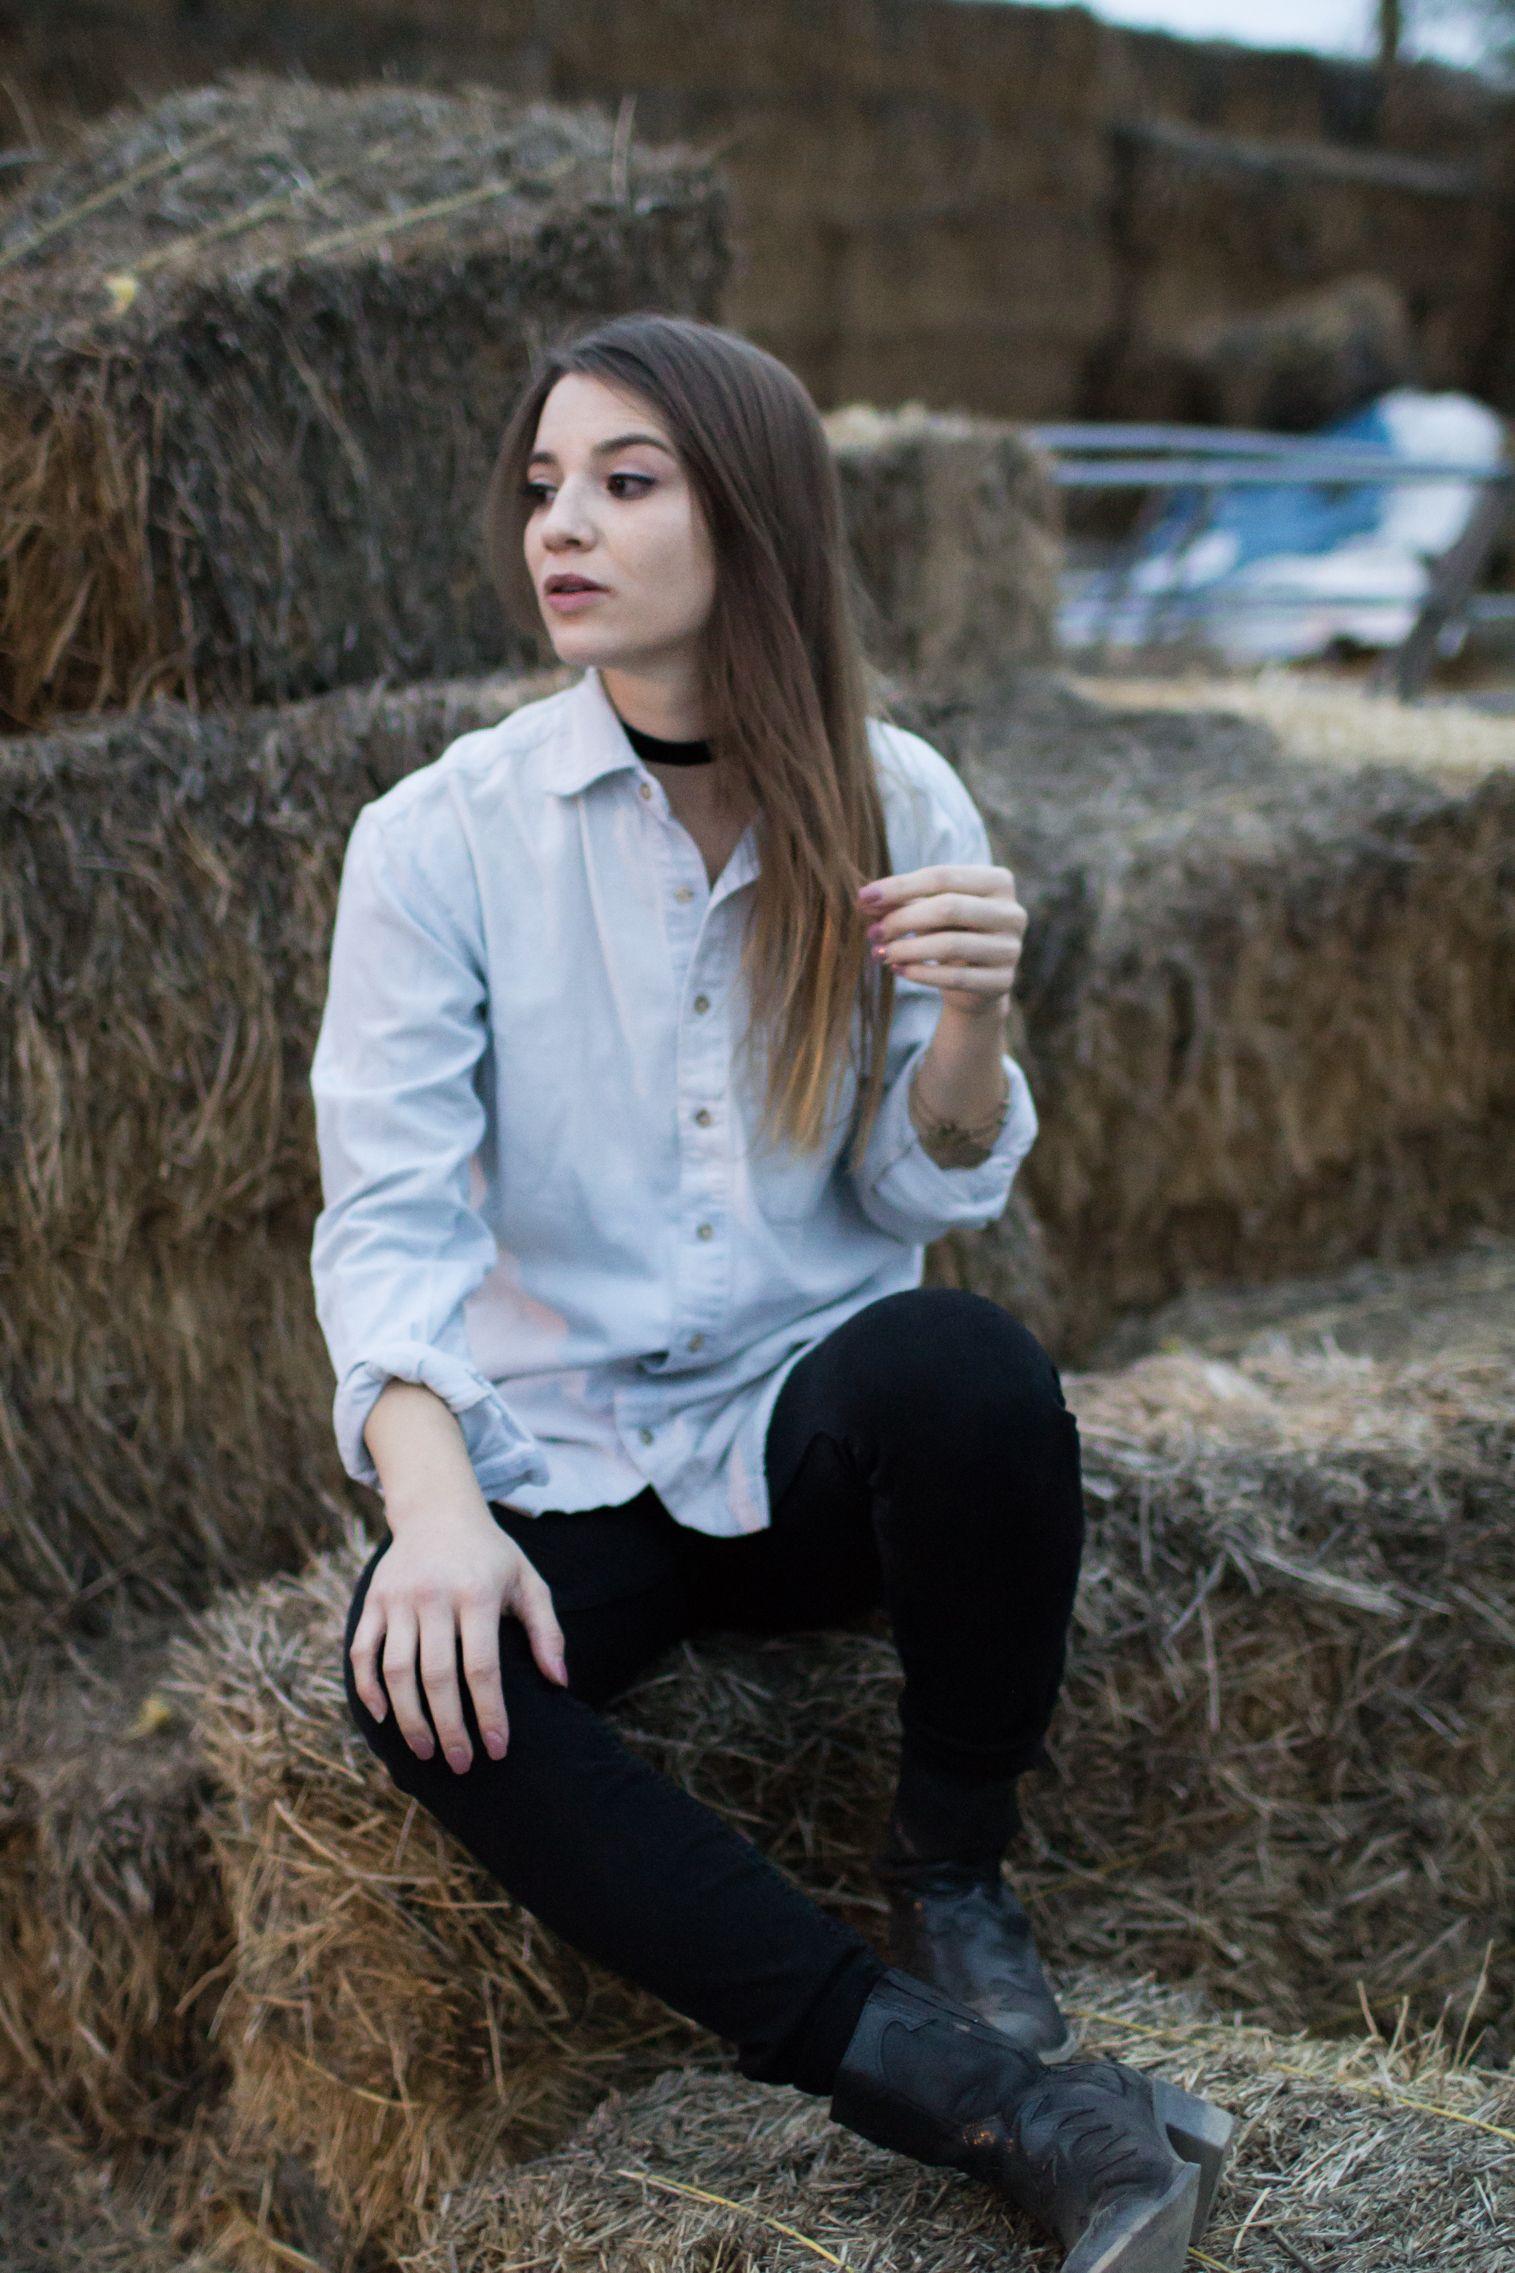 407d51527f9 Hay Girl (Ryan Gosling Pun Intended) - Becca Booker Media — Allison Carol